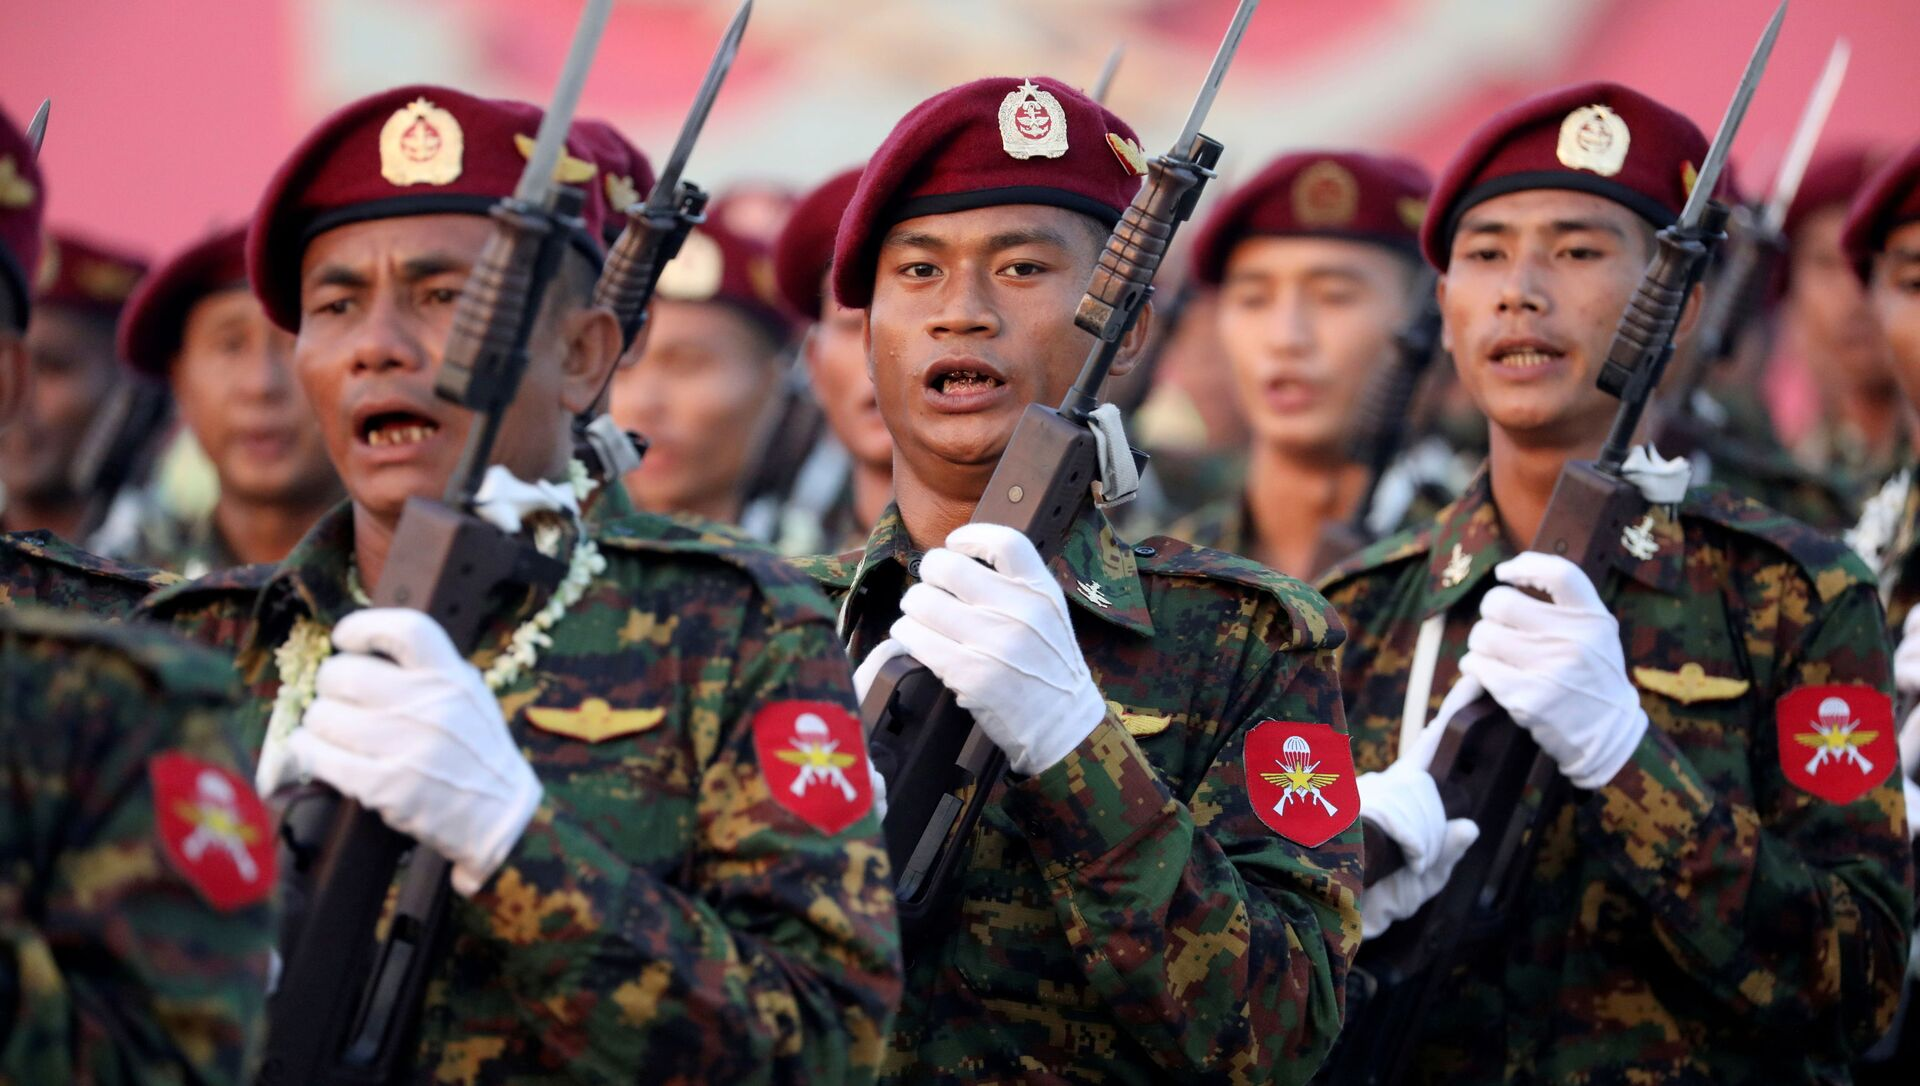 I soldati prendono parte a una parata militare in occasione della 74a Giornata delle Forze Armate in Myanmar - Sputnik Italia, 1920, 21.02.2021